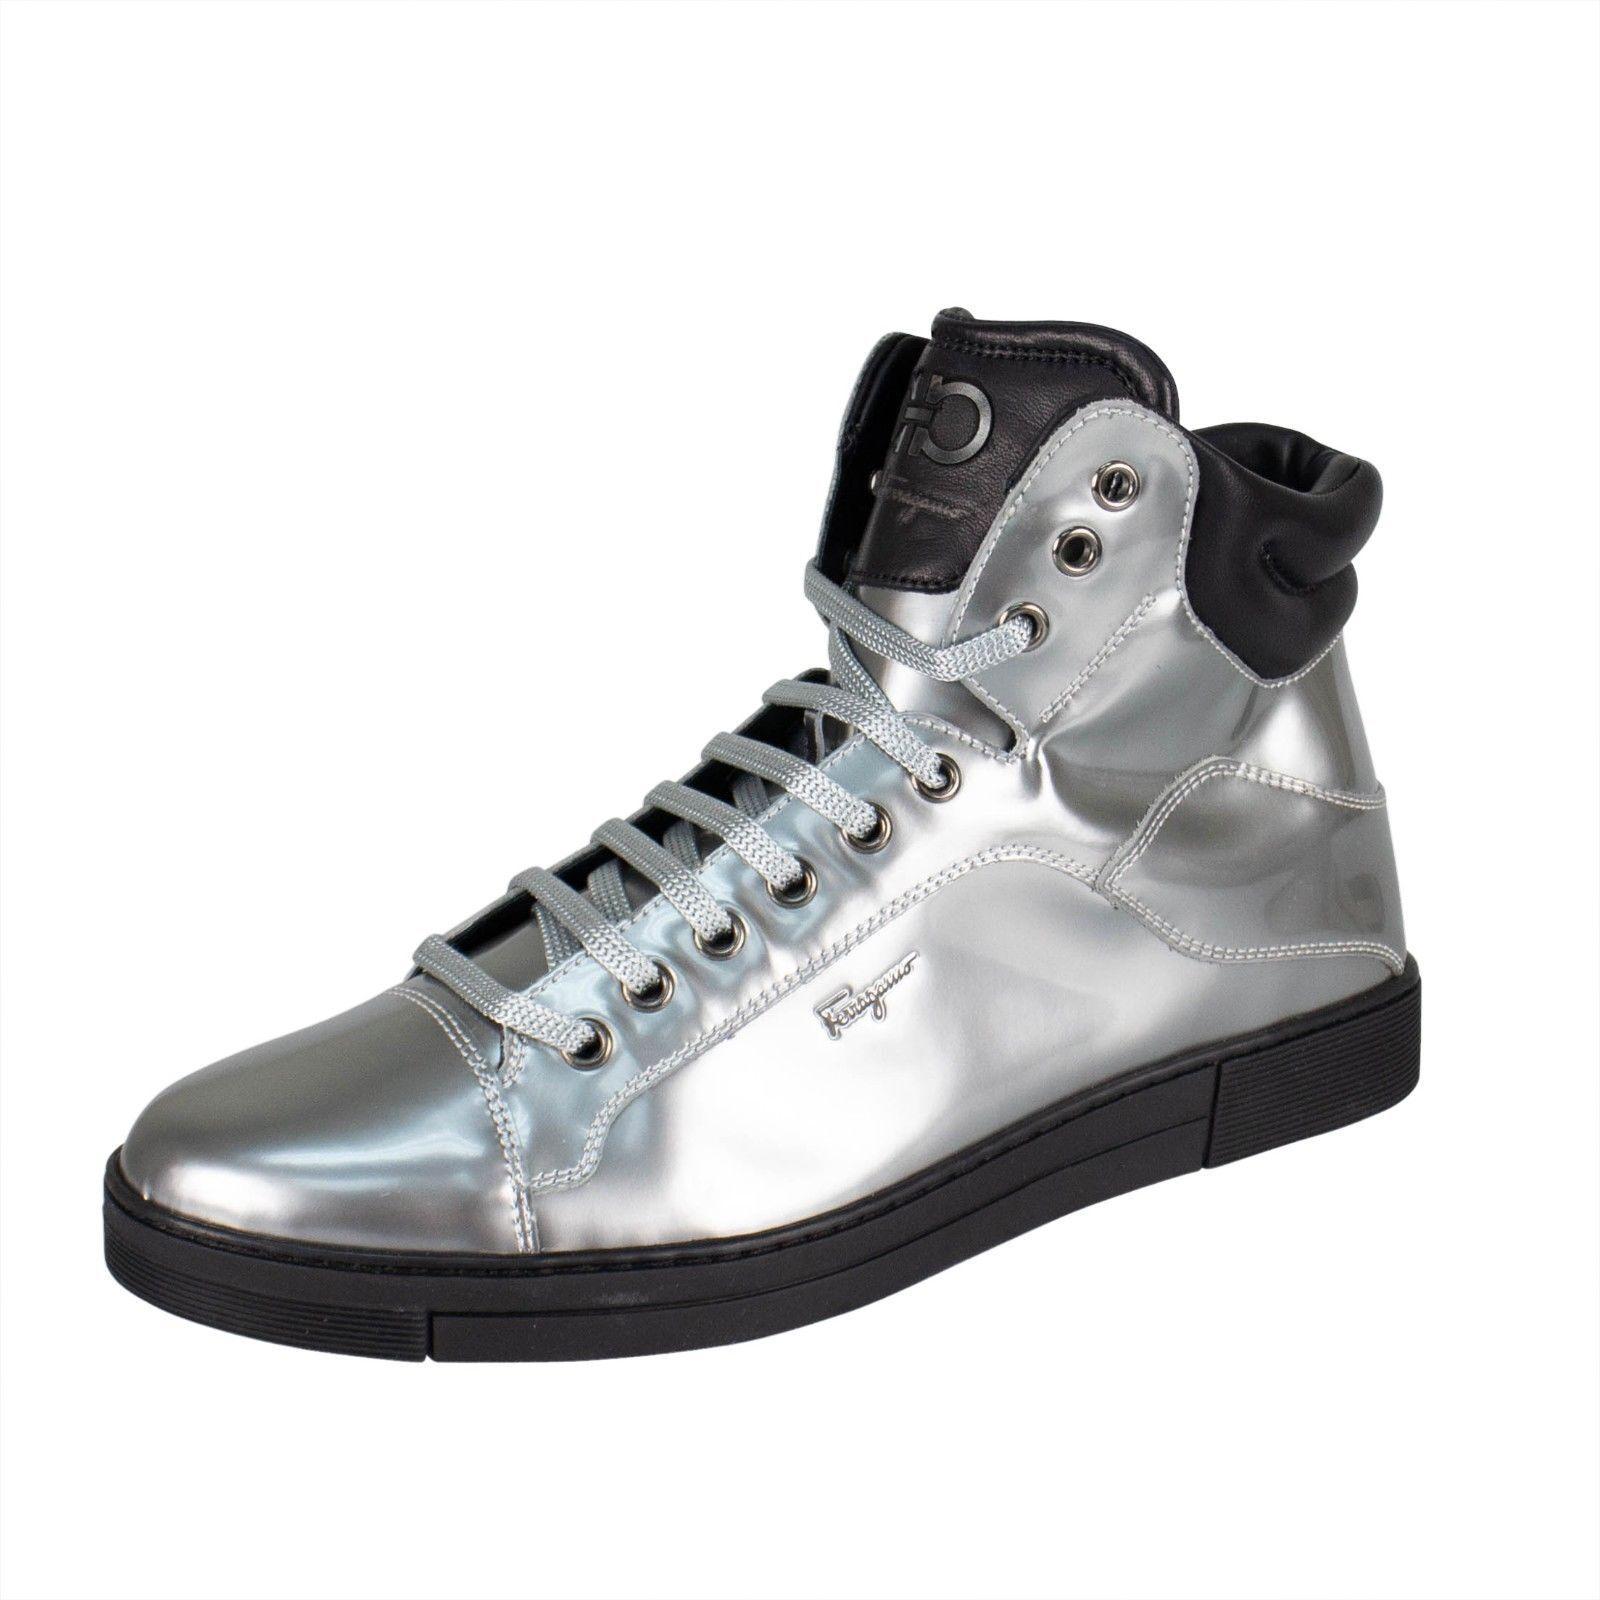 NIB SALVATORE FERRAGAMO 'Stephen 2' plata Metallic zapatillas zapatos 10 43 EE  675